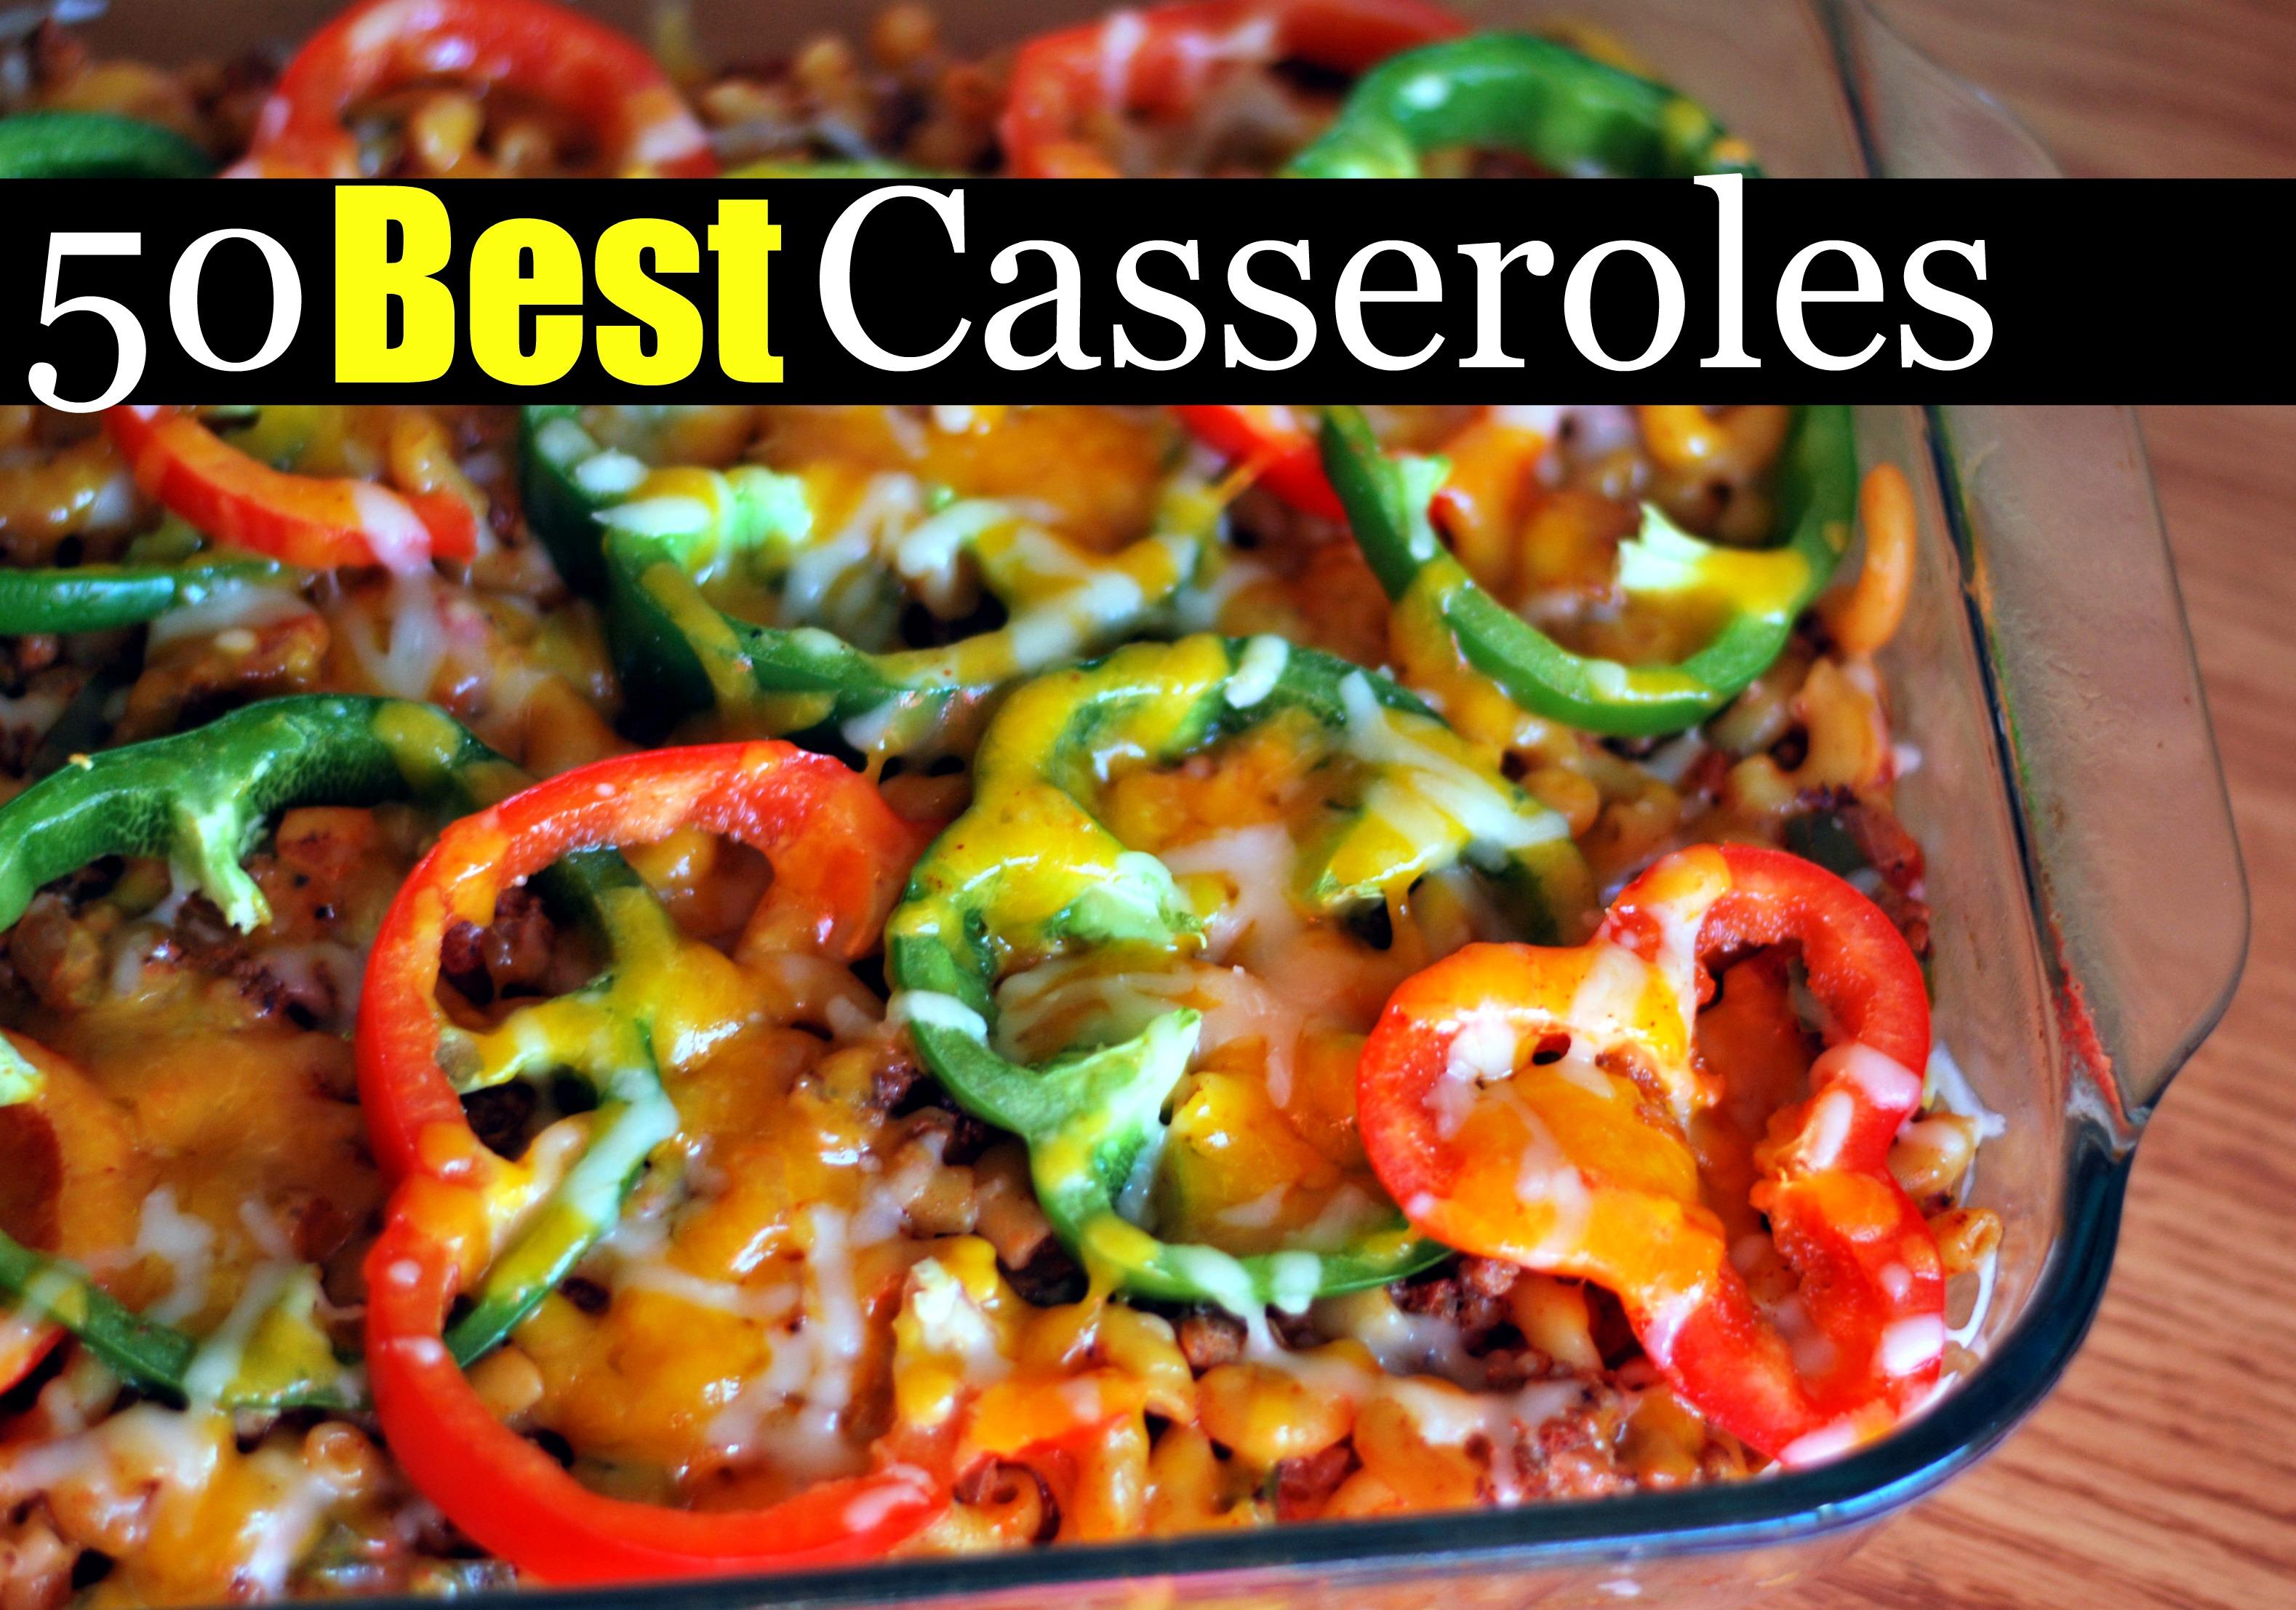 50 Best Casseroles